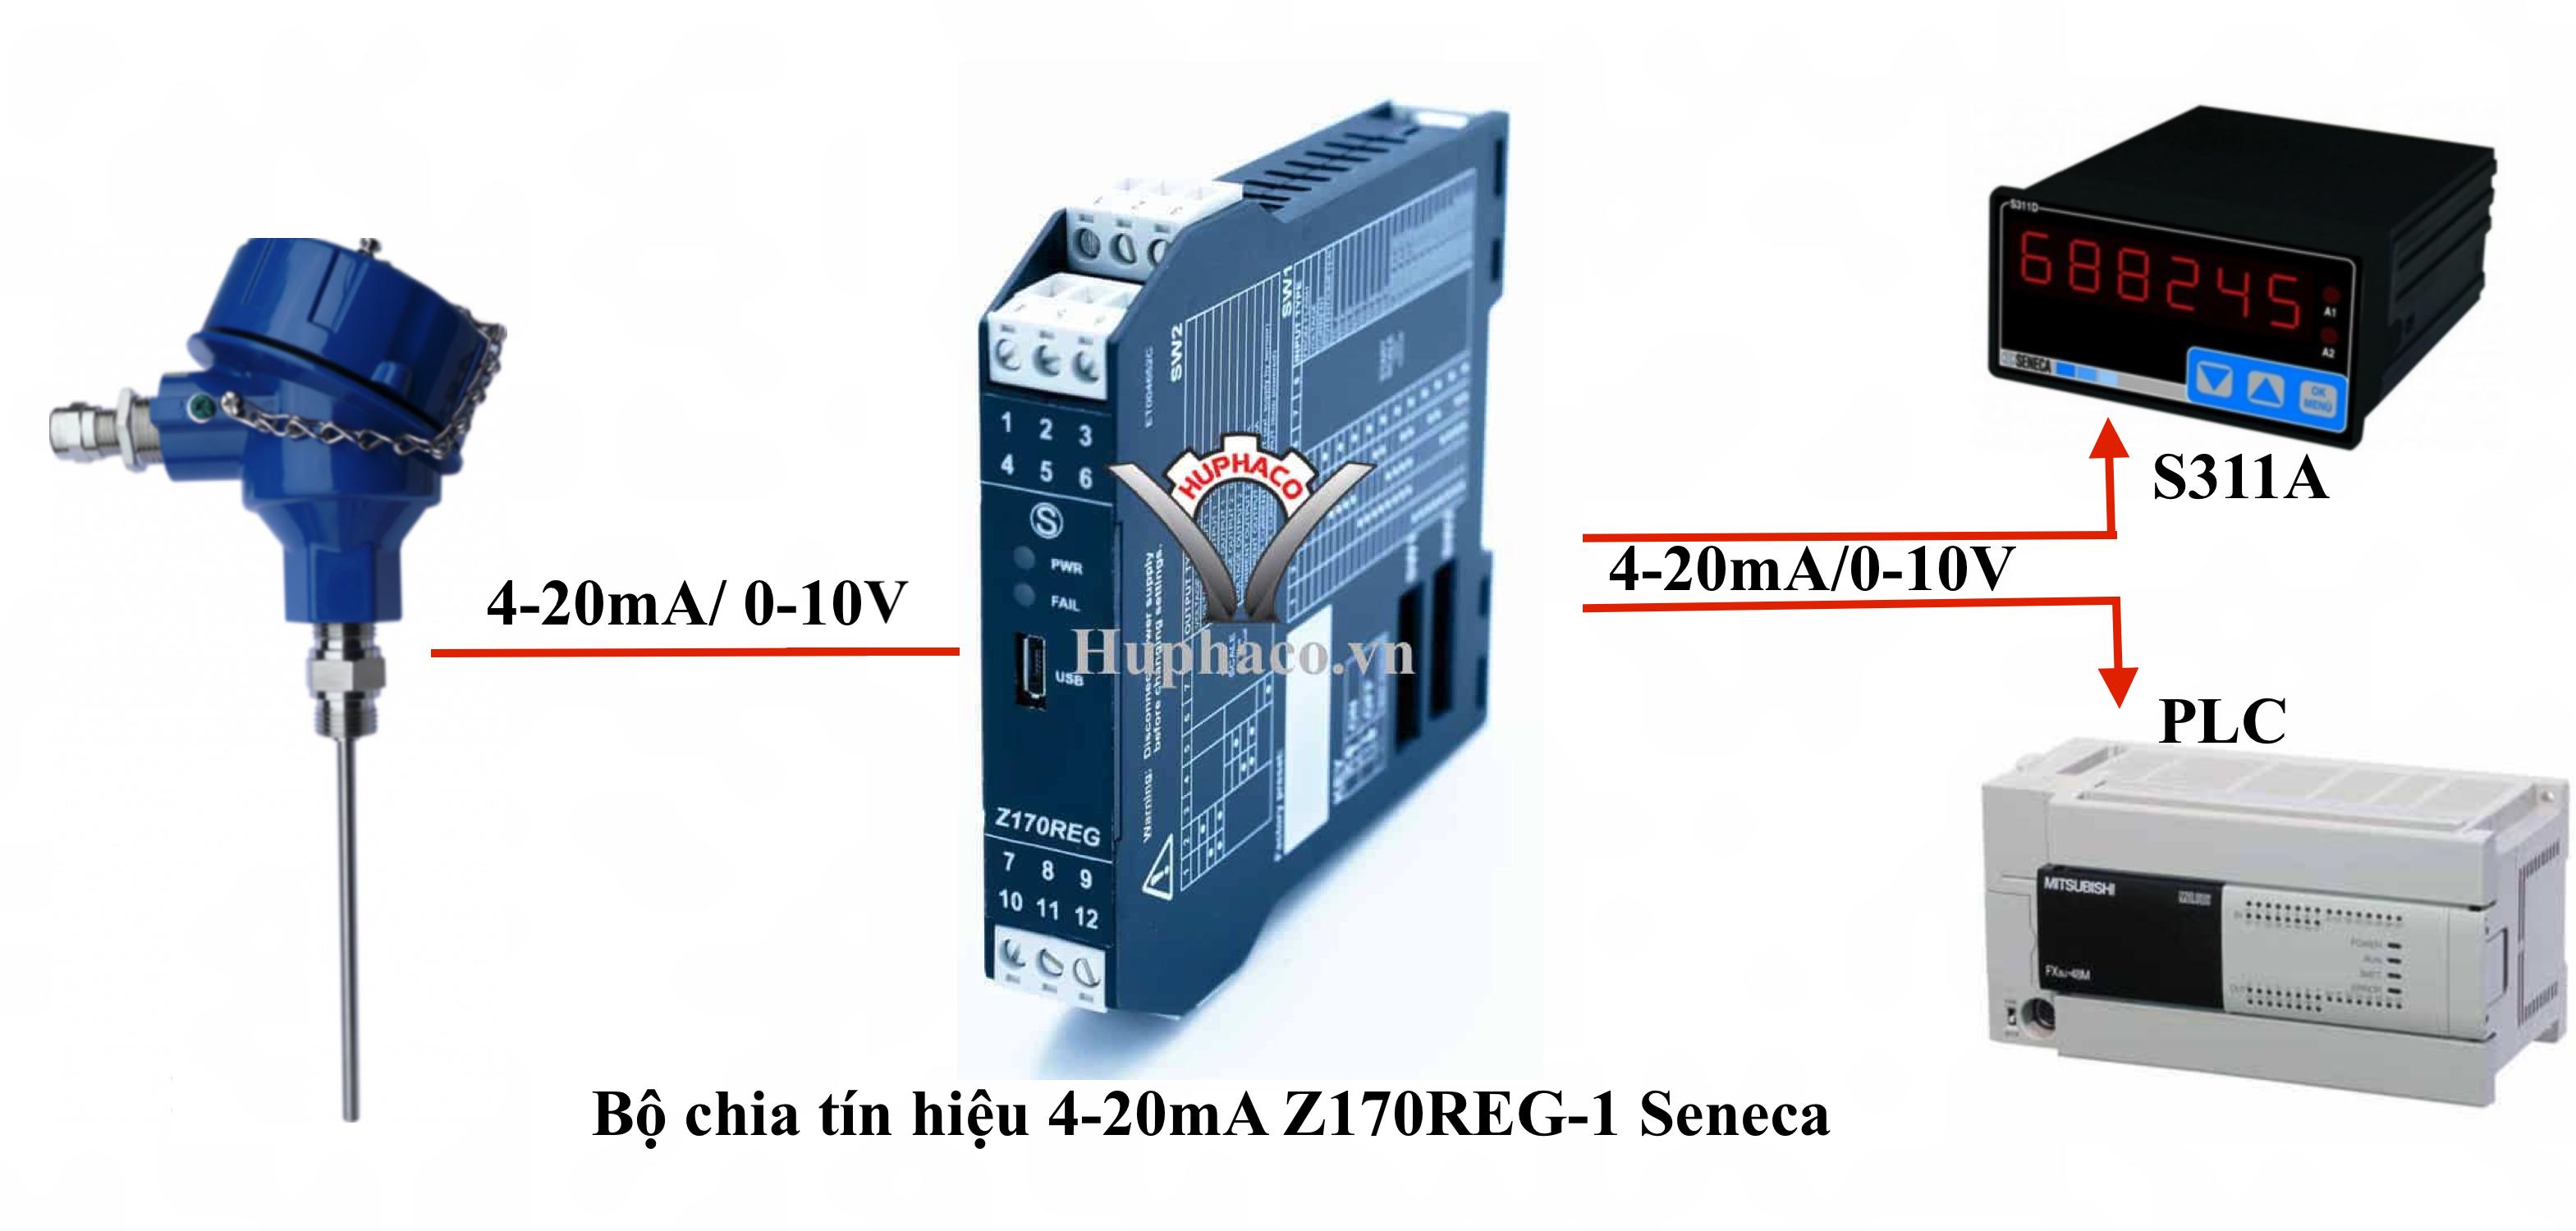 Bộ điều khiển analog Z170REG-1